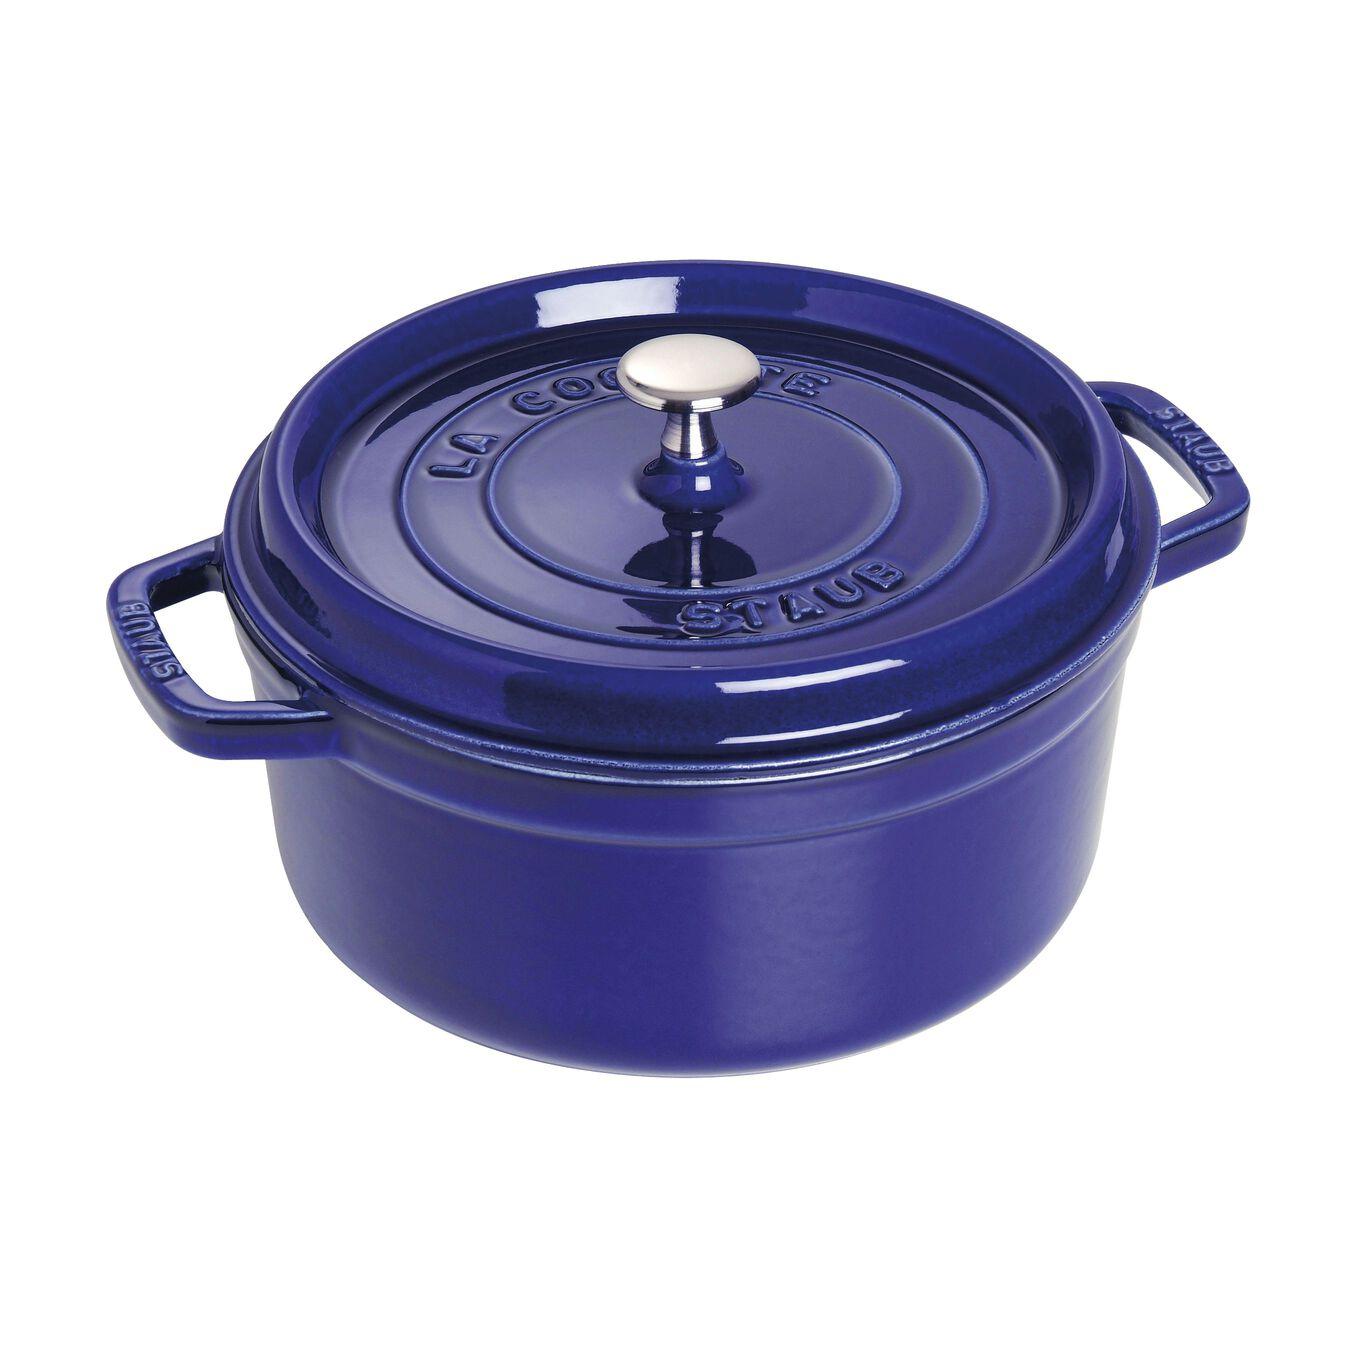 Cocotte rotonda - 22 cm, blu scuro,,large 1